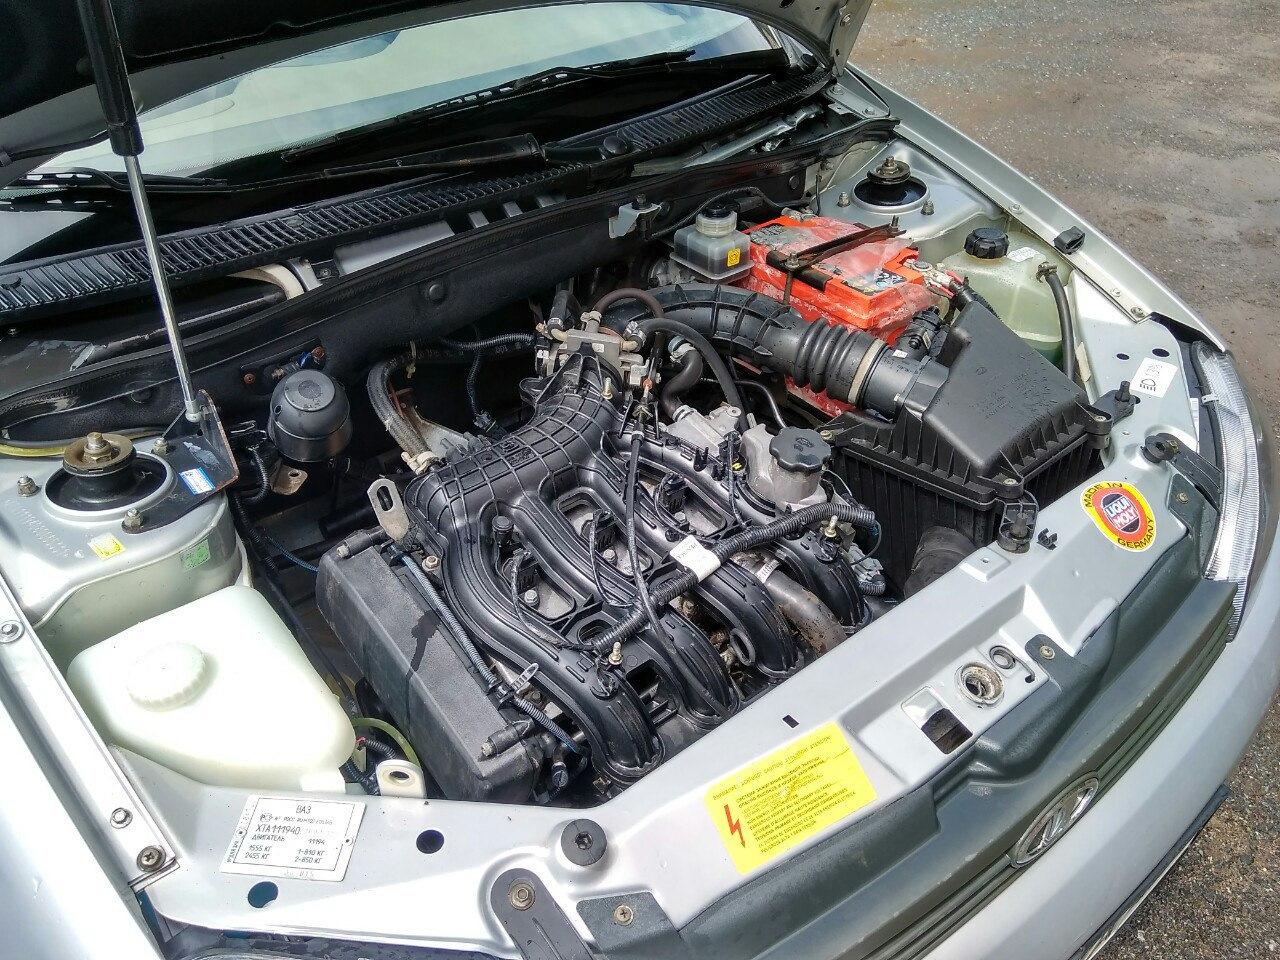 образ двигатель для калины в картинках представлен большой объем